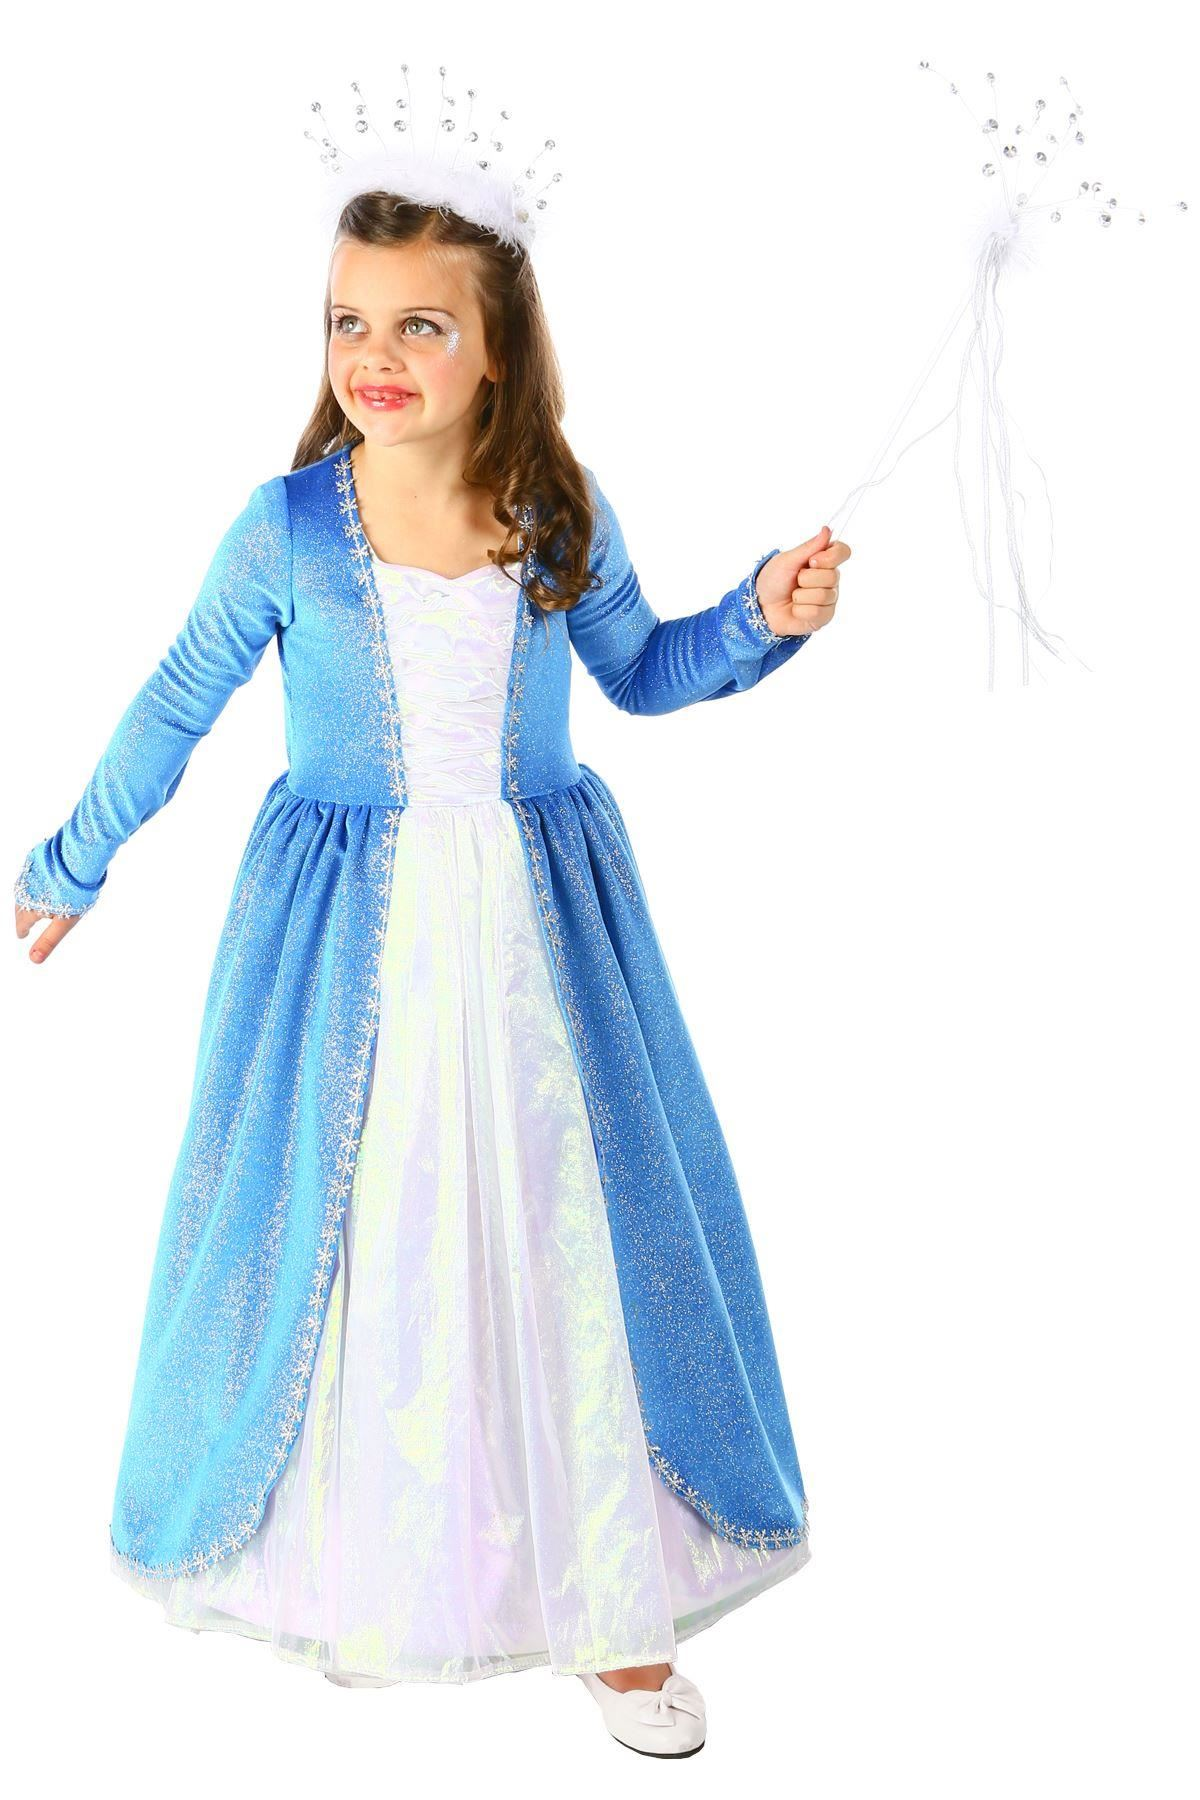 Blizzard Queen Frozen Elsa Costume Child Ebay  sc 1 st  Meningrey & Elsa Costume Ebay - Meningrey